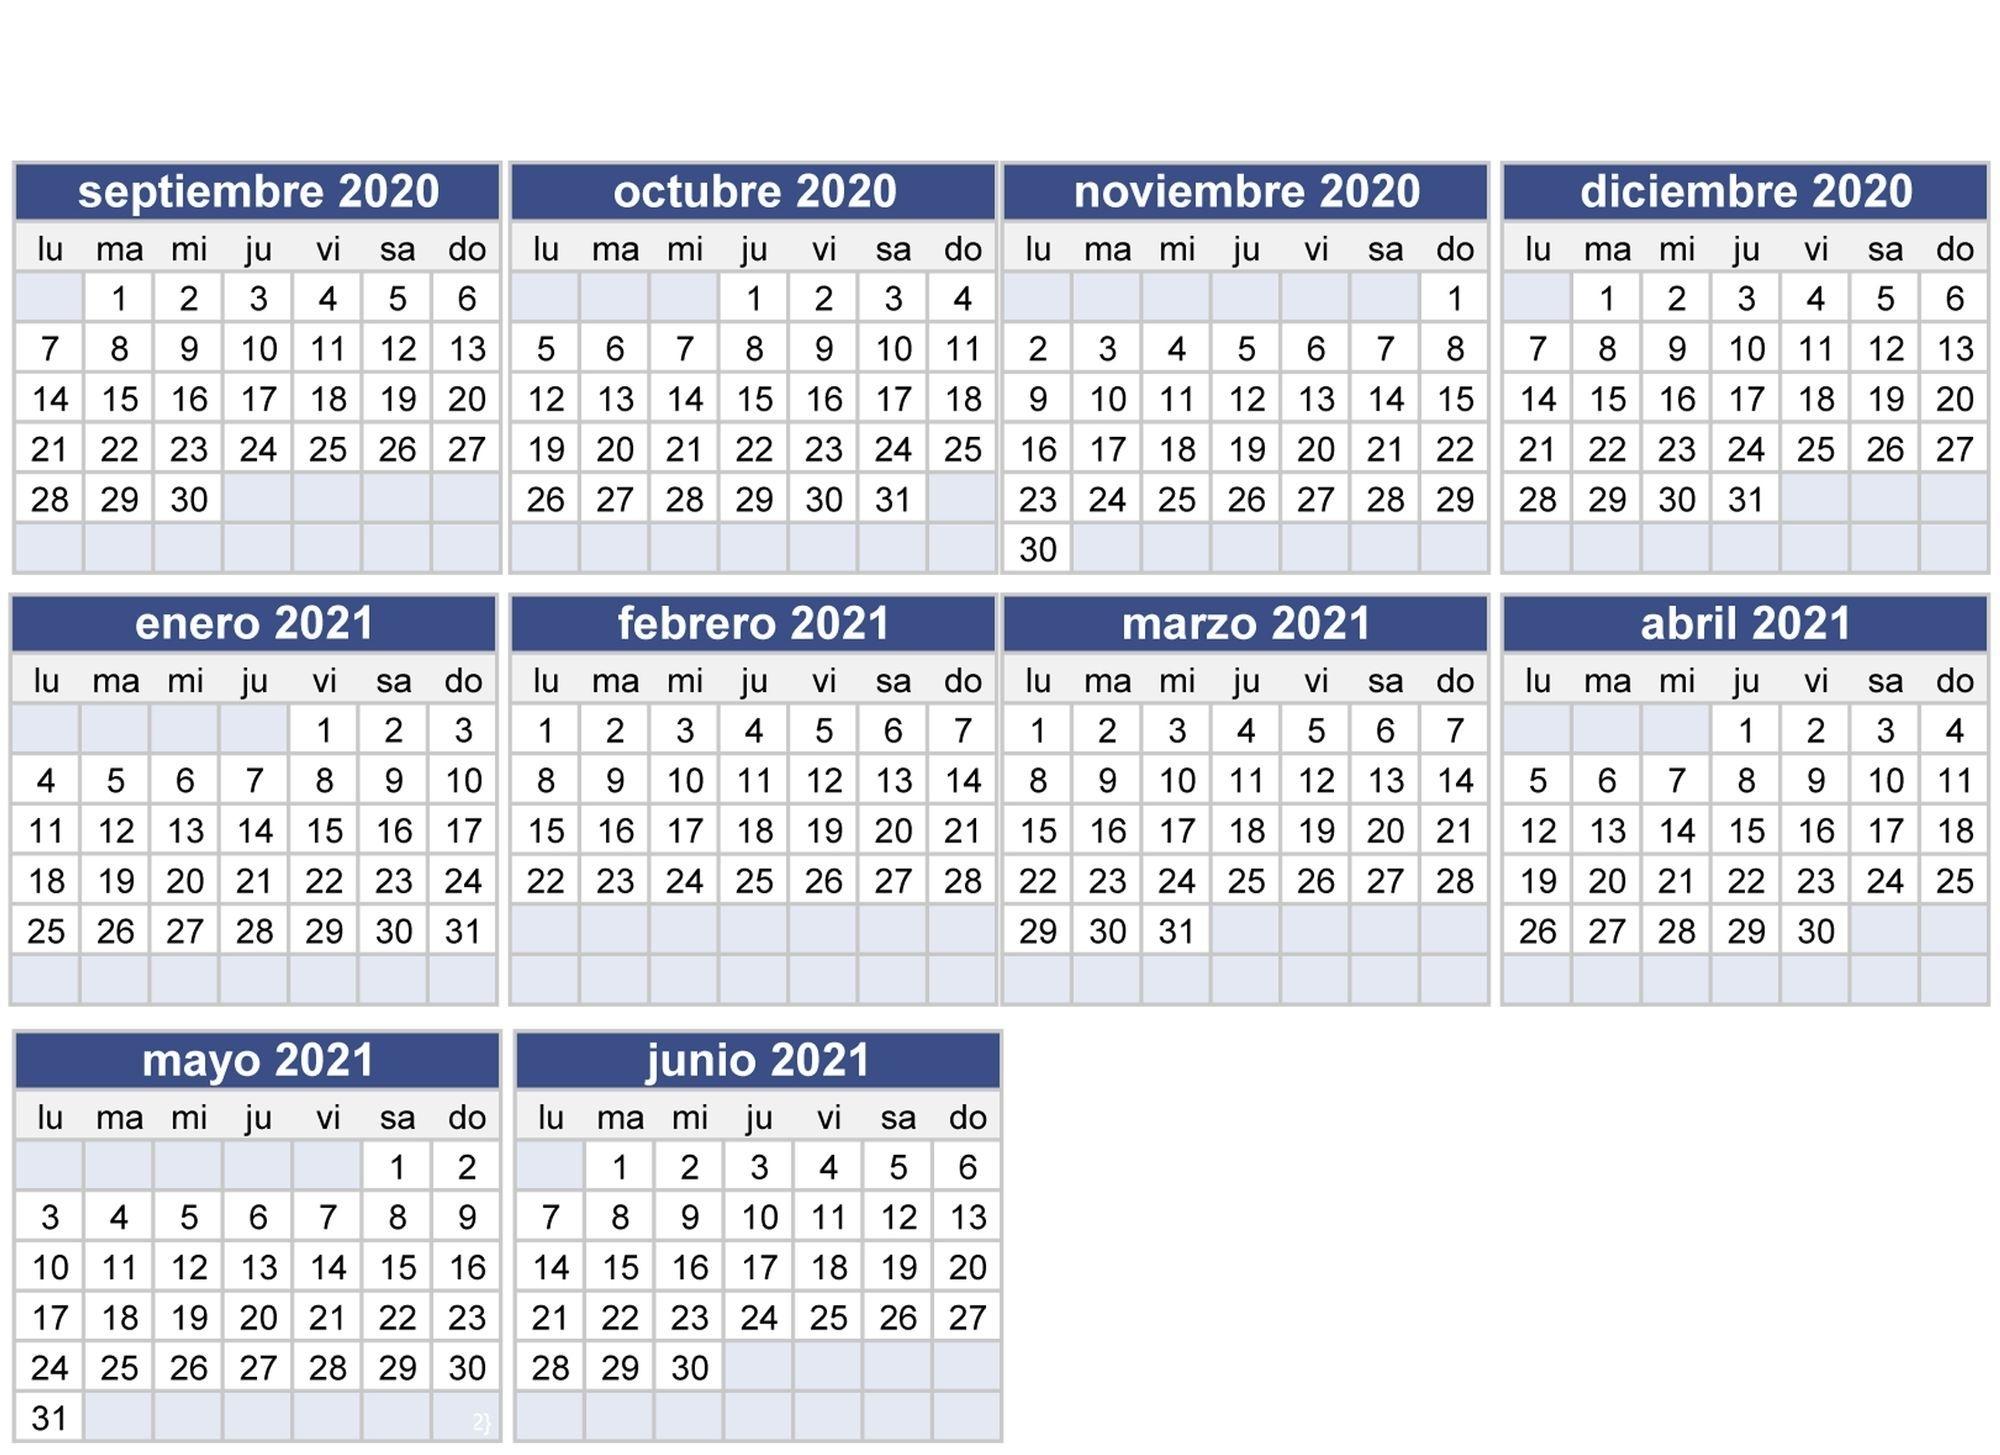 Calendario Escolar 2020-2021 En Sevilla: Fechas Del Inicio Y